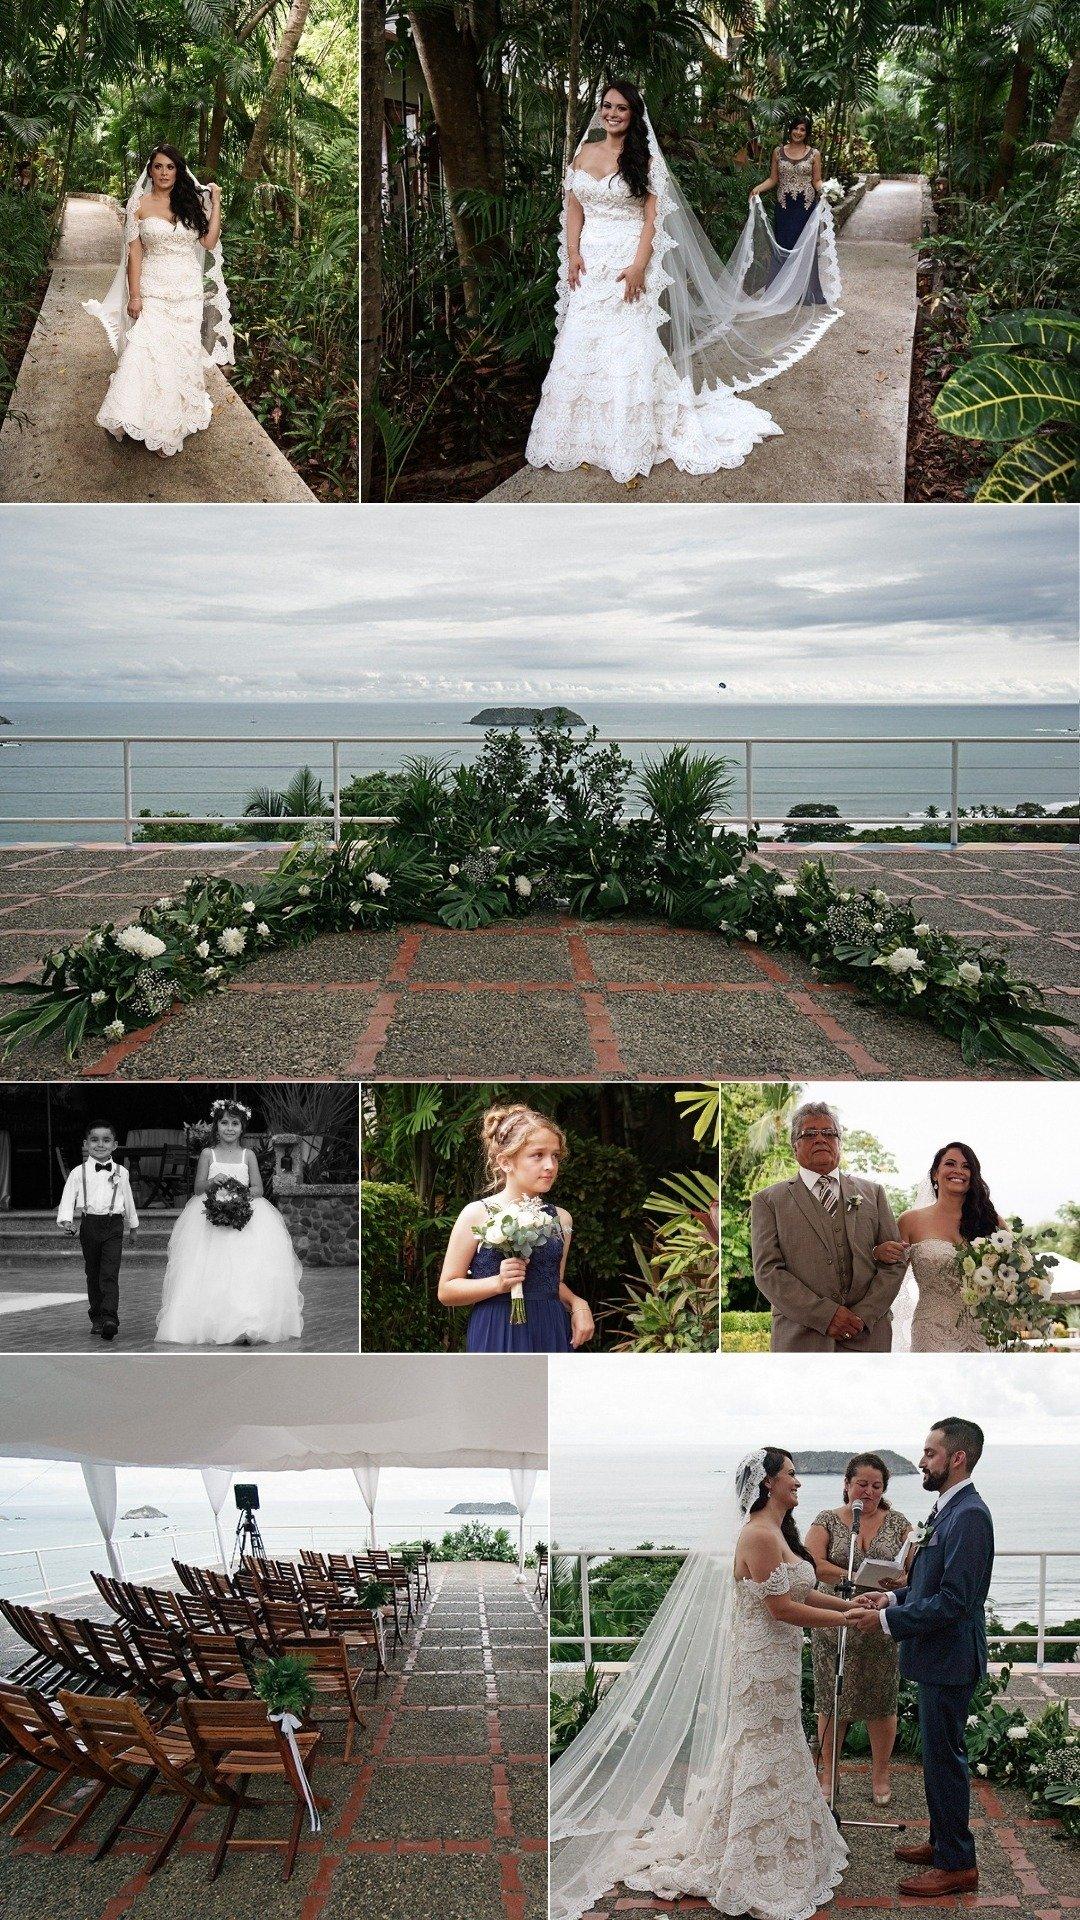 Rooftop Vista Wedding Ceremony Venue in Costa Rica